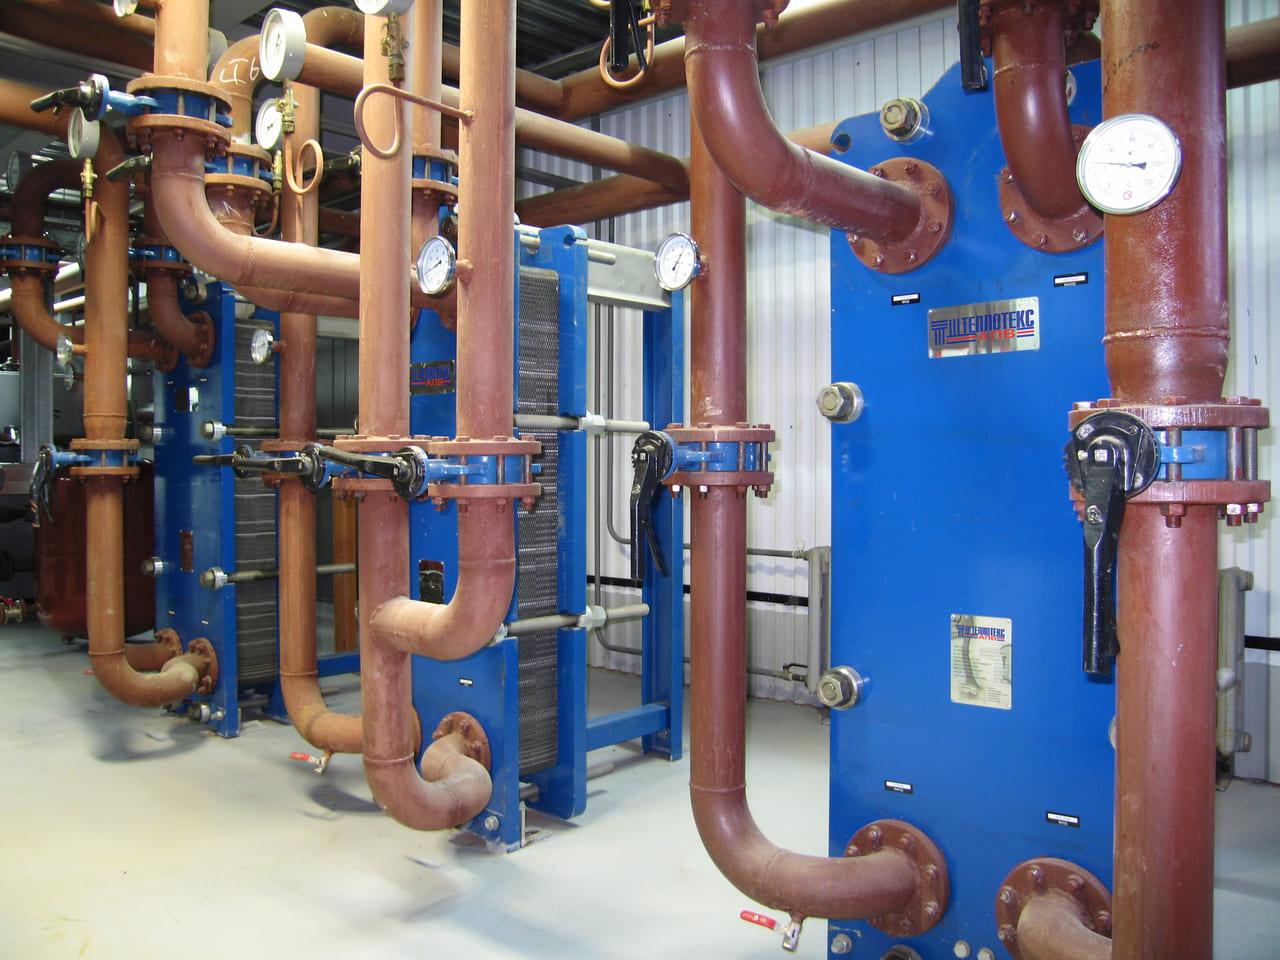 Пластинчатый теплообменник для водяного отопления Кожухотрубный испаритель ONDA SSE 61.401.3200 Набережные Челны